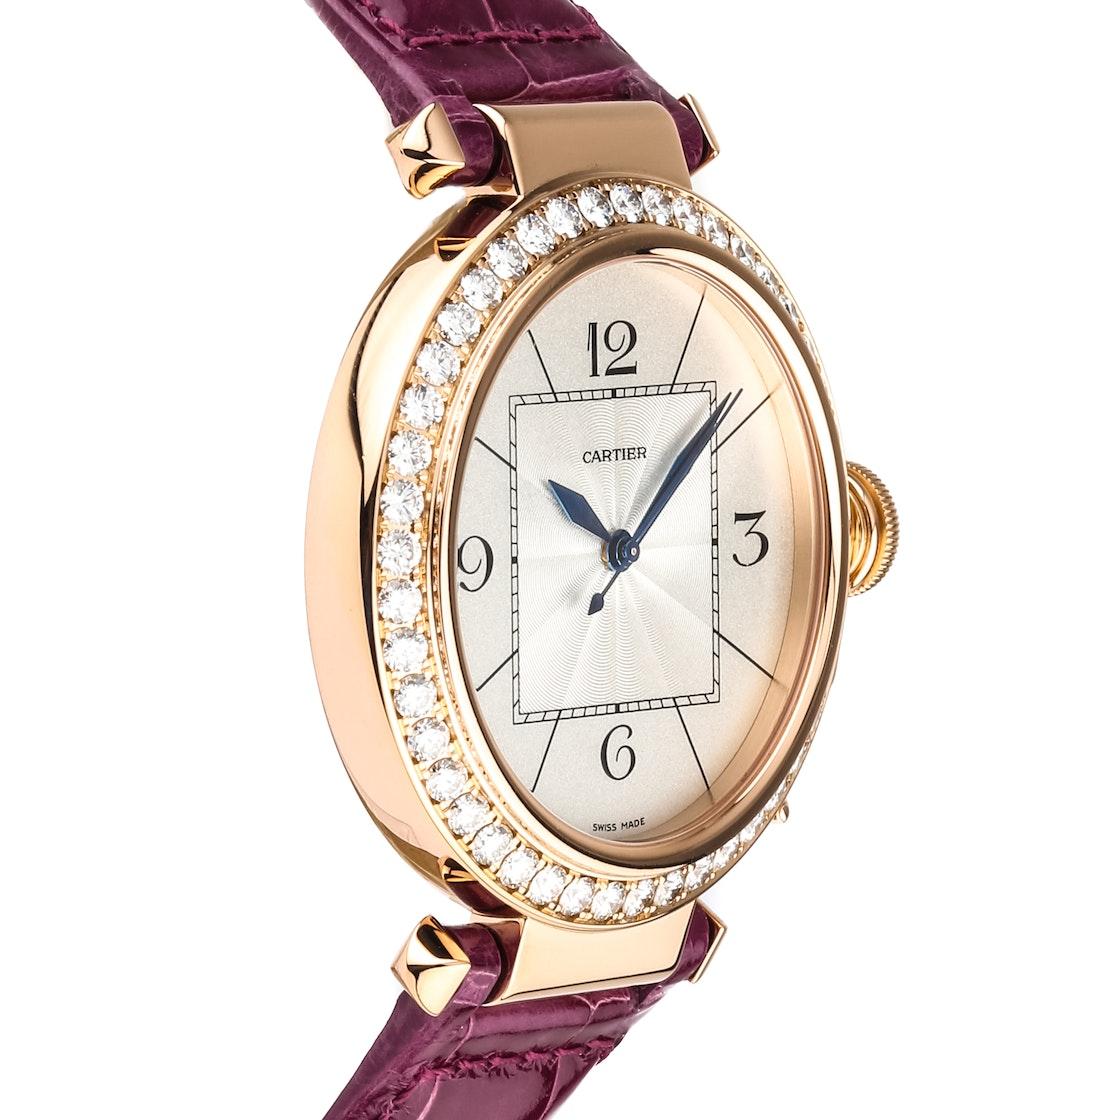 Cartier Pasha de Cartier XL WJ120151